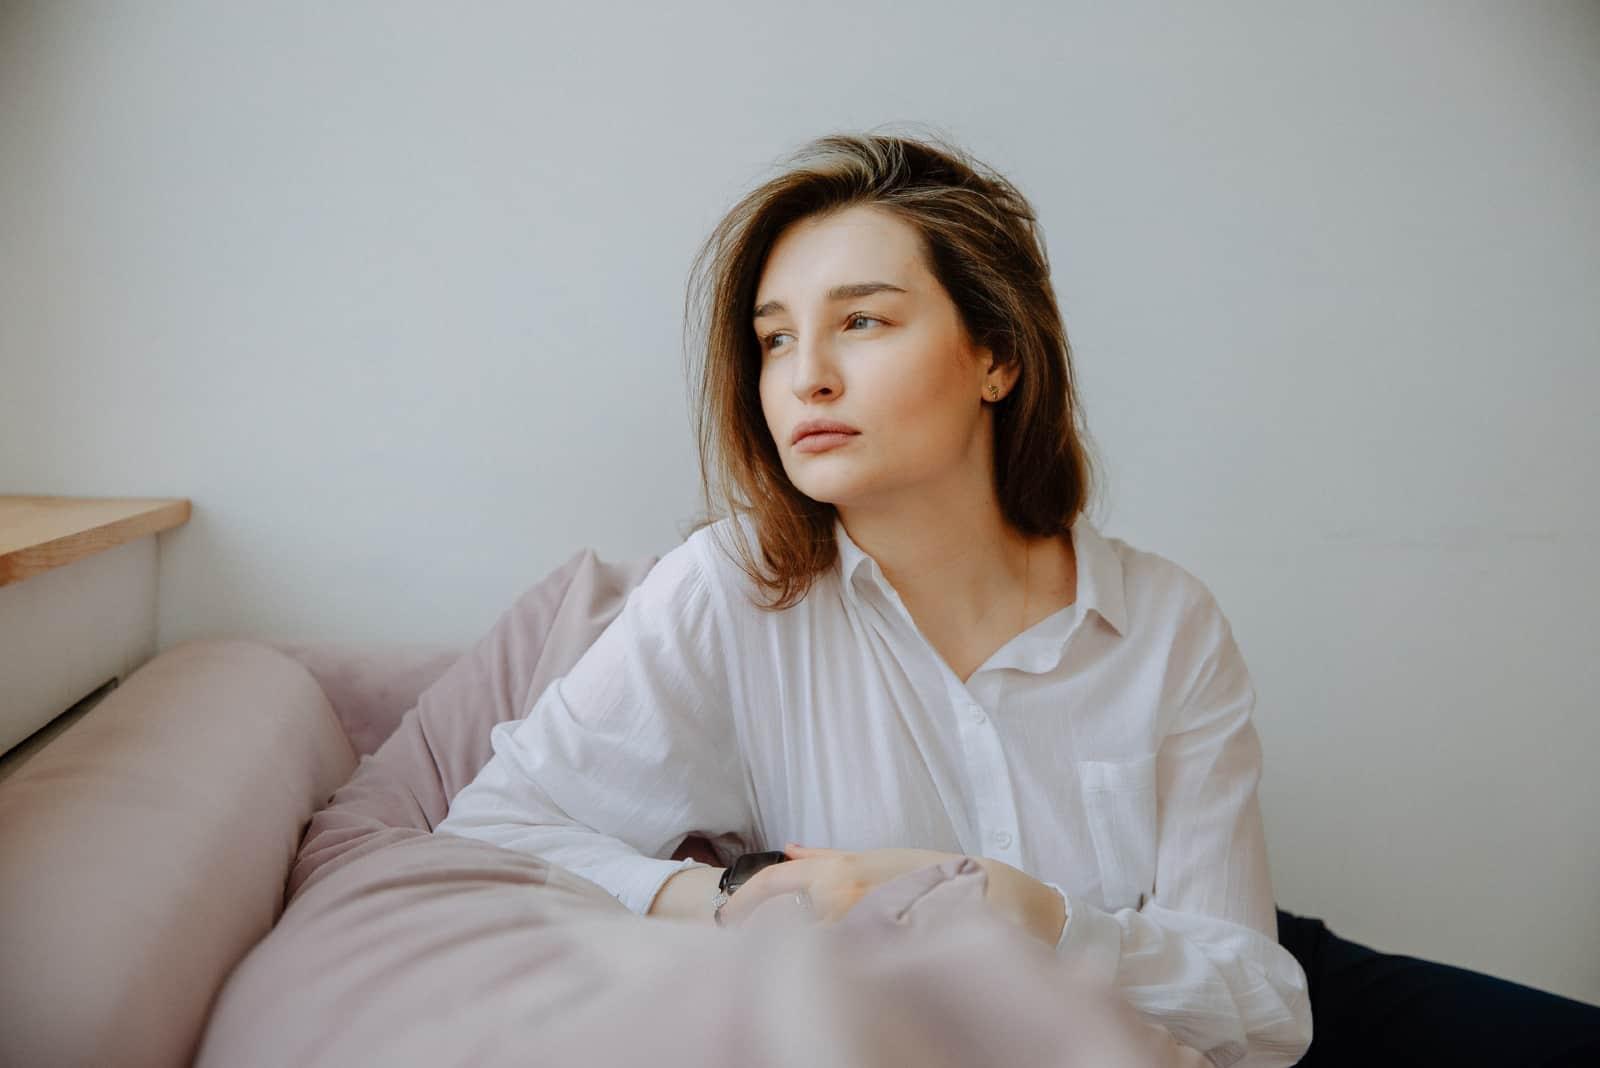 Femme pensive en chemise blanche assise sur un canapé